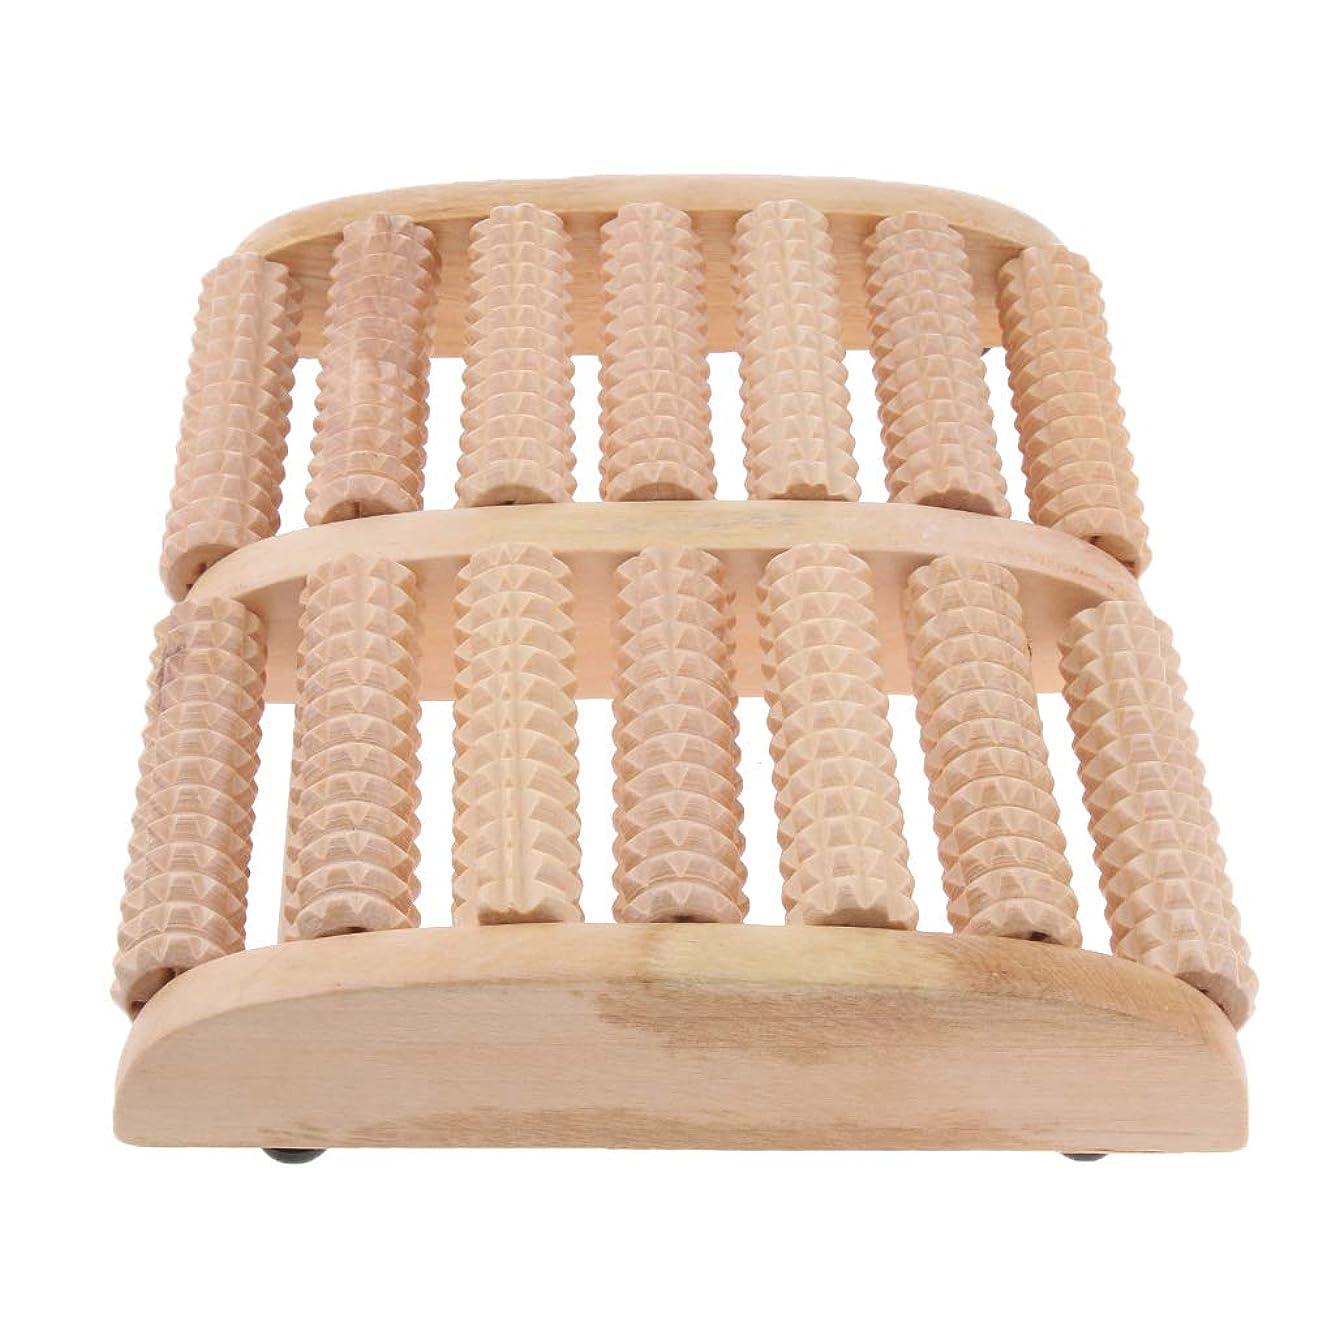 ページインサート相続人IPOTCH マッサージローラー 7行 自然木製 足踏み フットマッサージ ツボ押し 痛み緩和 健康器具 高品質